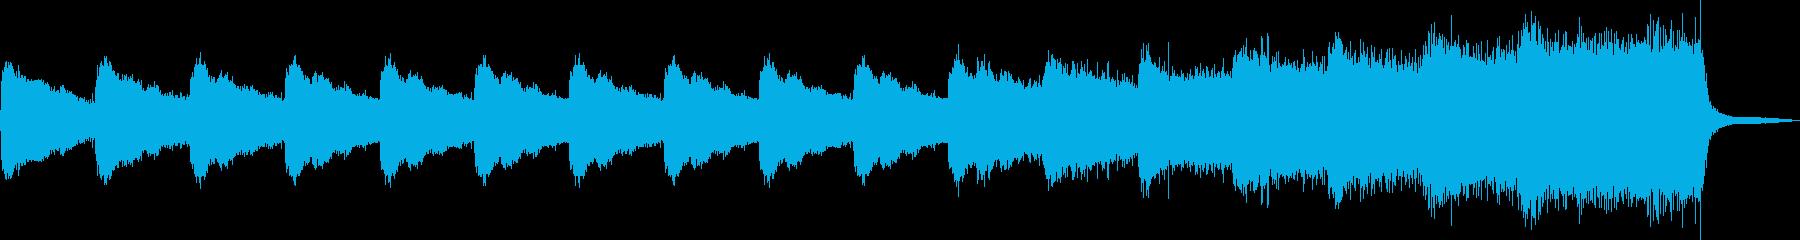 ホラー・恐怖・怖い・ドキドキの再生済みの波形